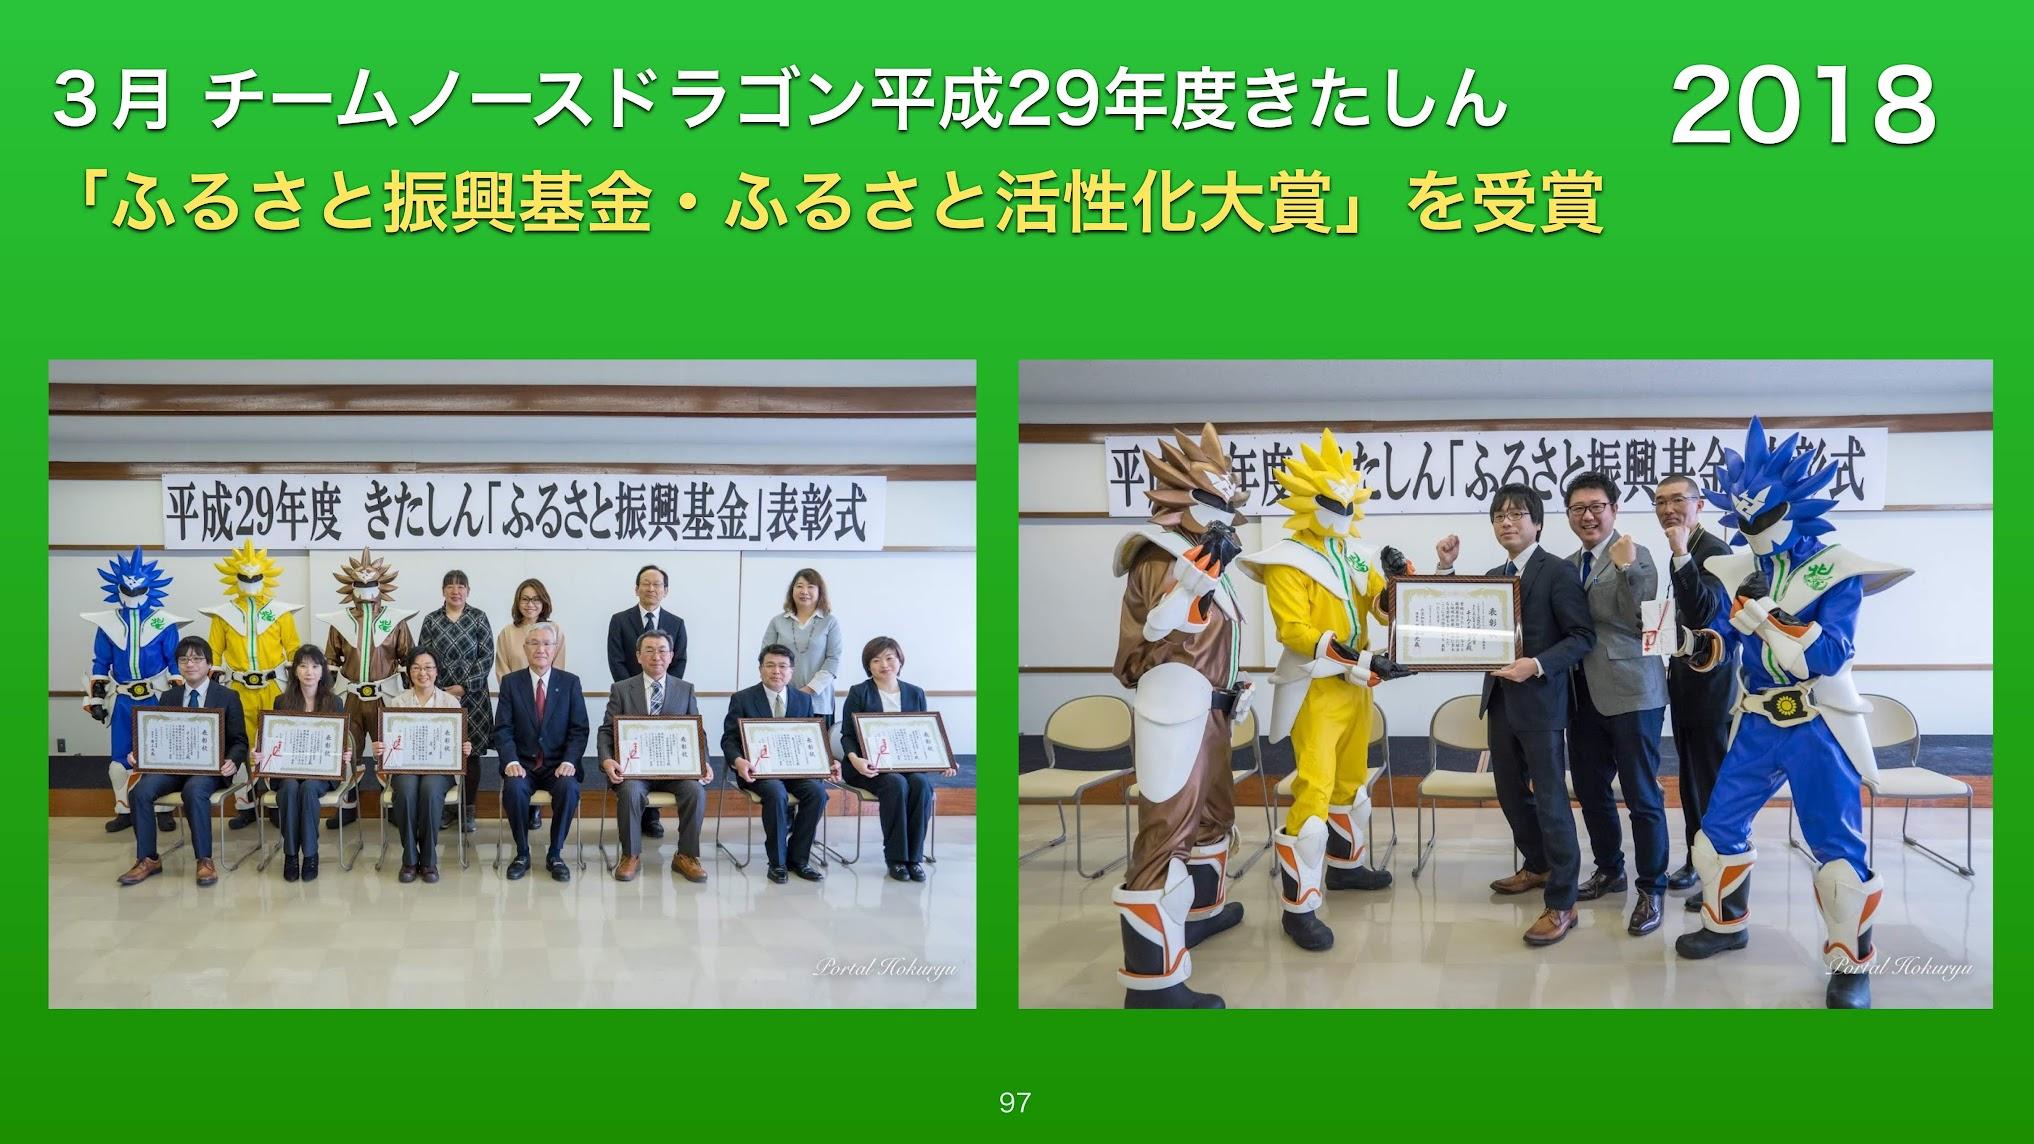 3月:チームノースドラゴン平成29年度きたしん「ふるさと振興基金・ふるさと活性化大賞」を受賞